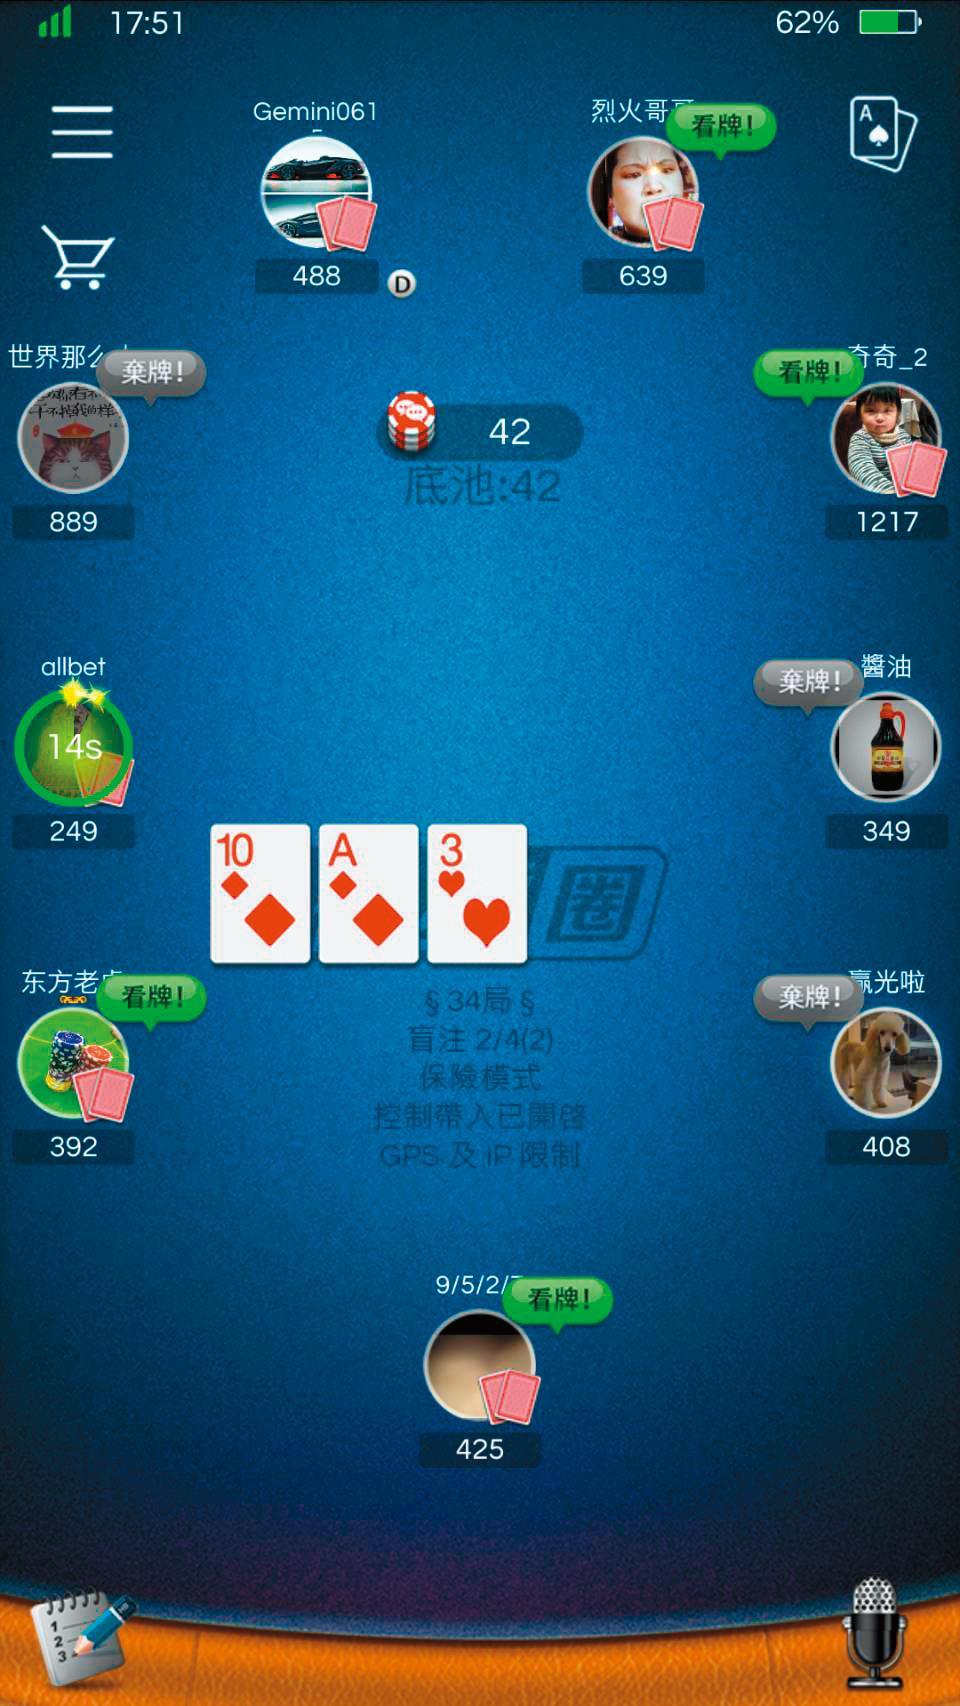 線上德州撲克手遊軟體,可透過網路讓兩岸玩家一起賭人民幣。(翻攝畫面)